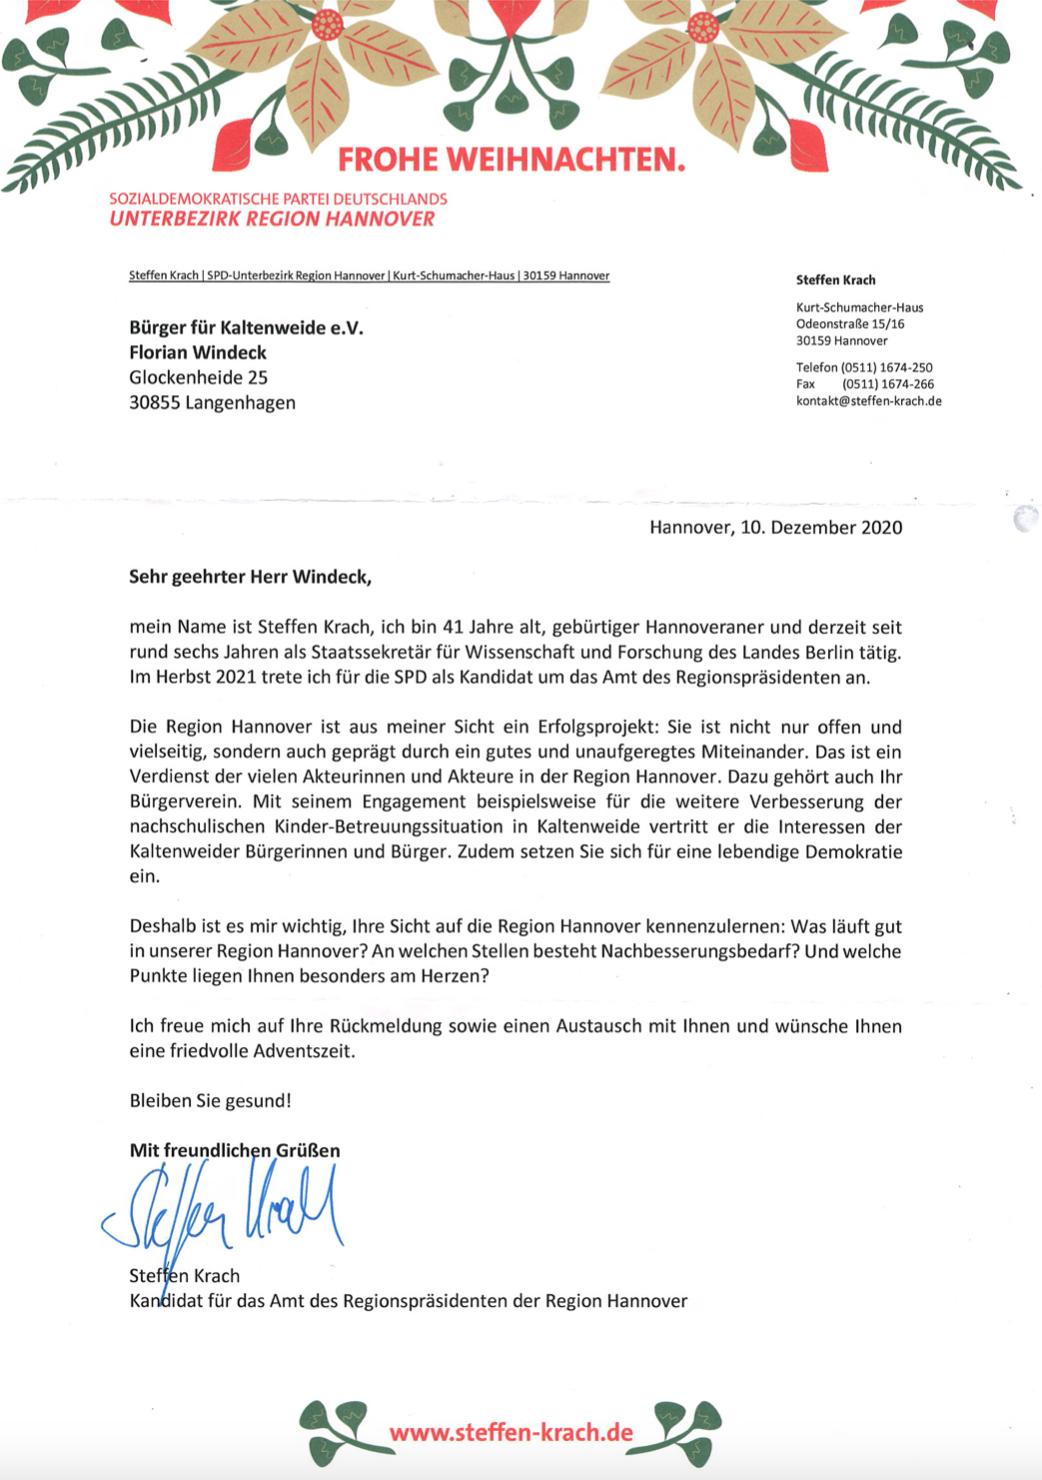 Einladung der SPD zum Dialog mit Steffen Krach vom 15.12.2020